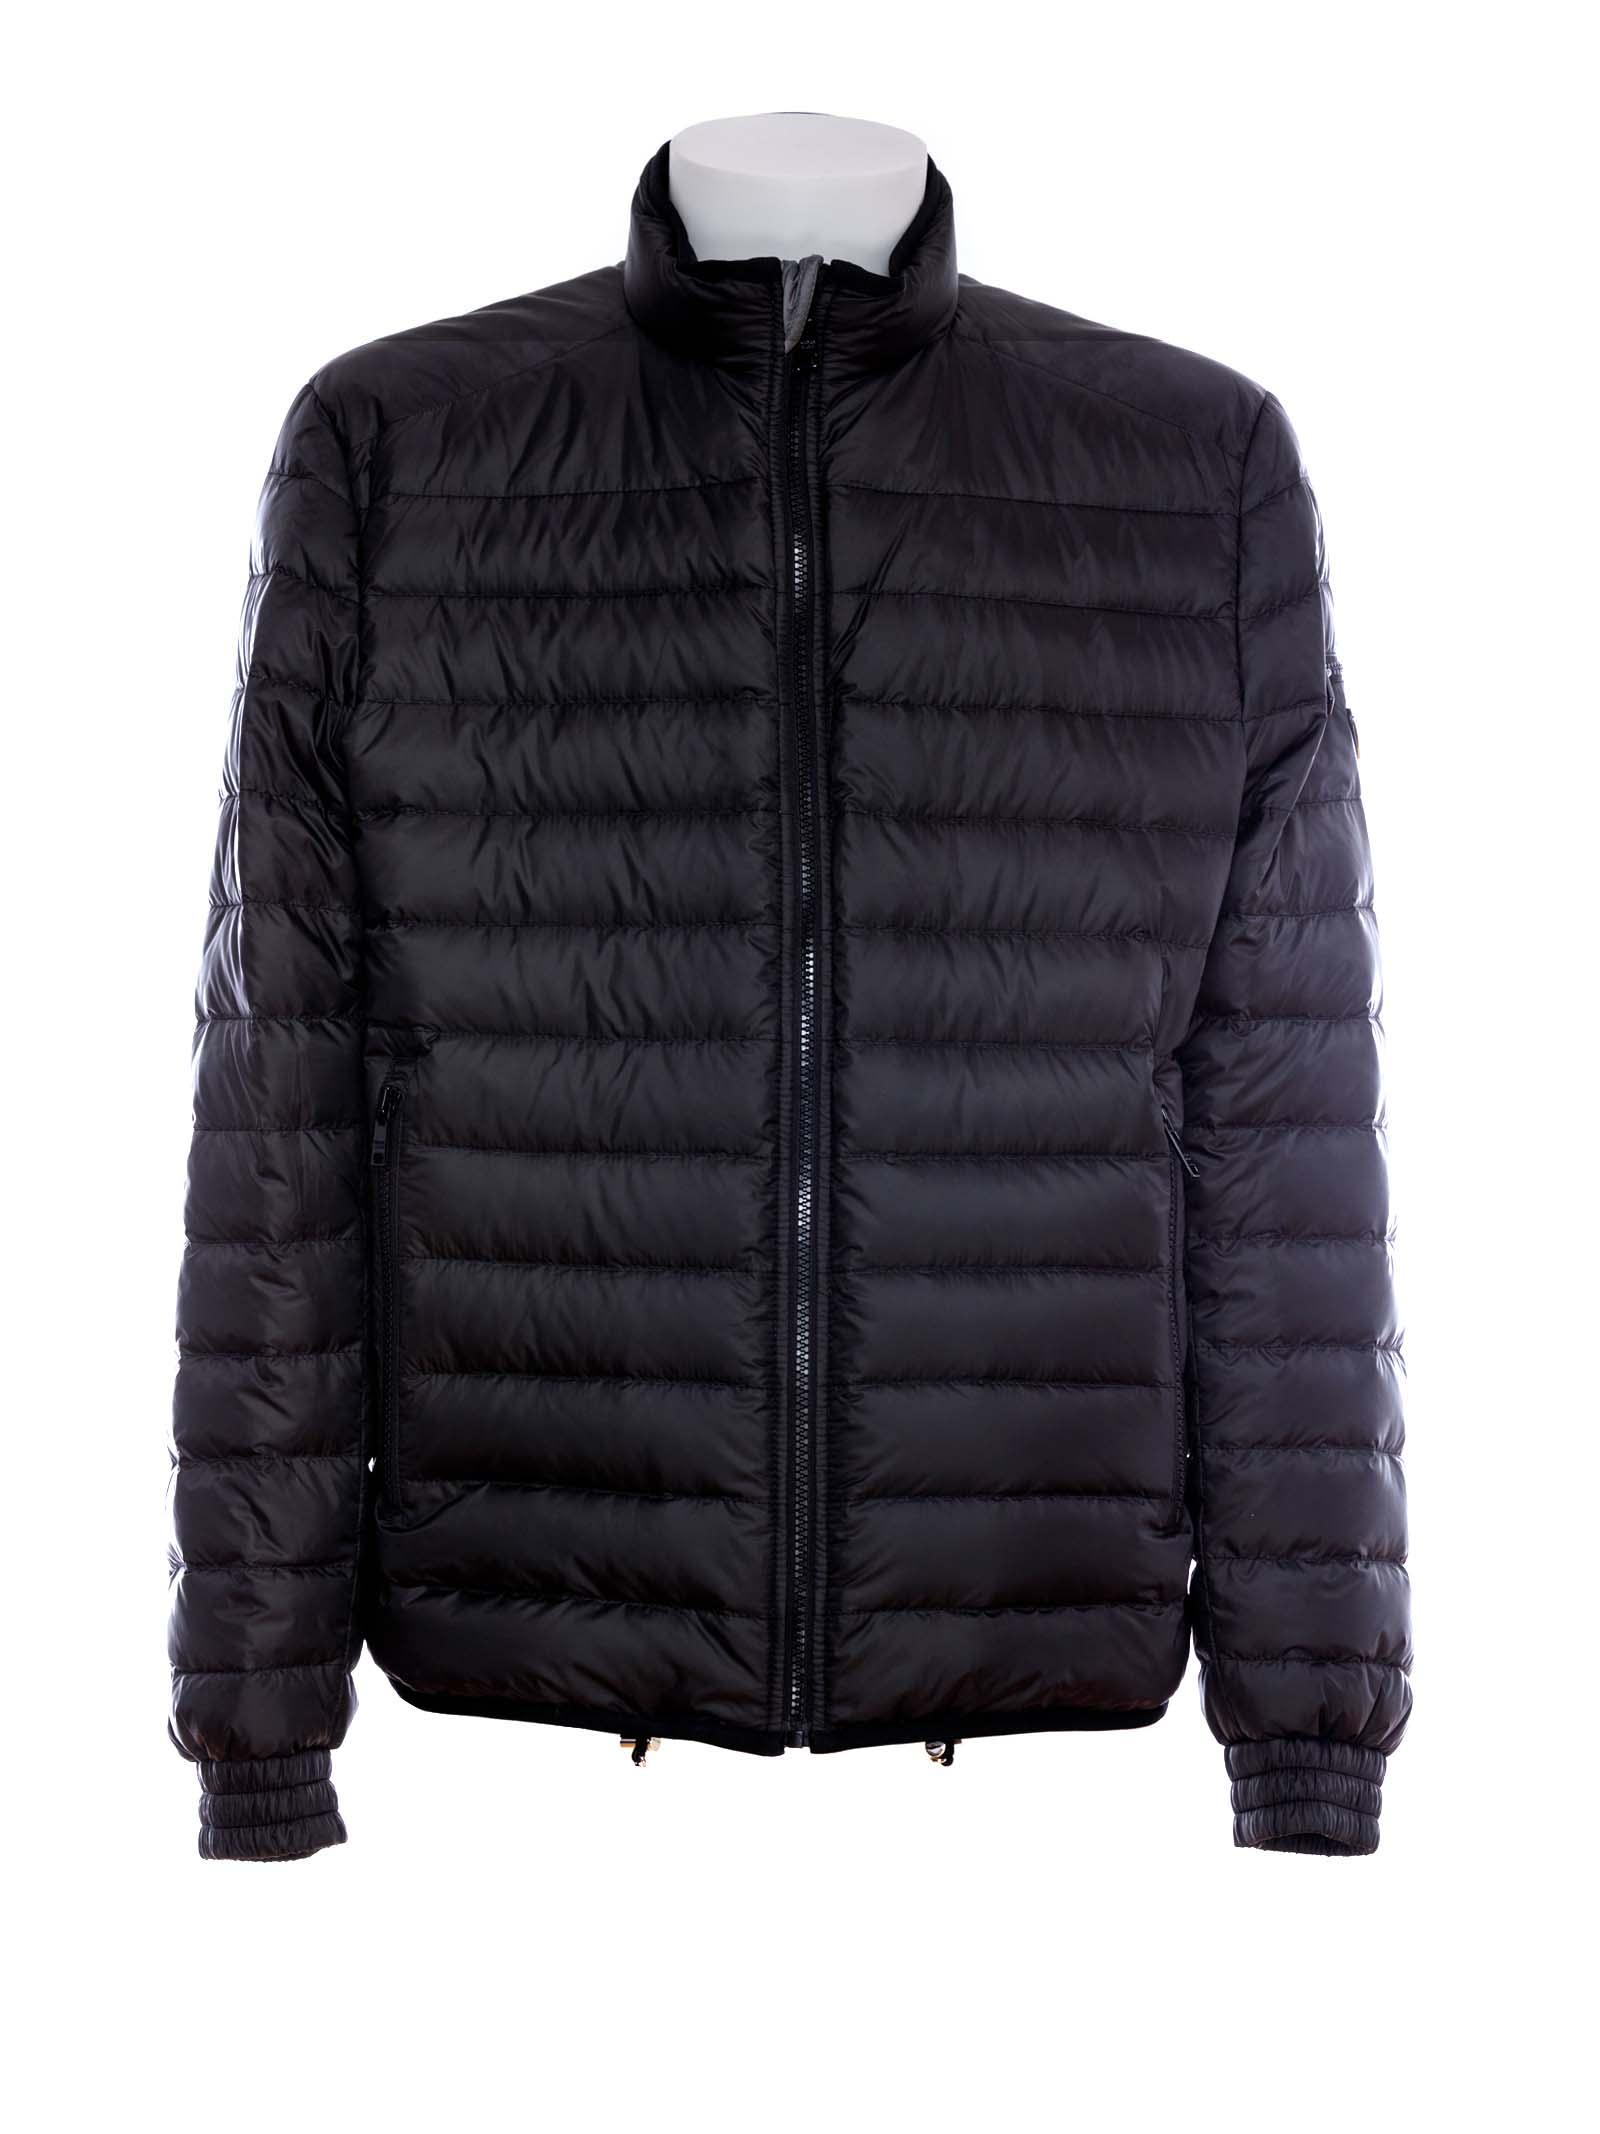 545d6be41 Prada Prada Padded Jacket